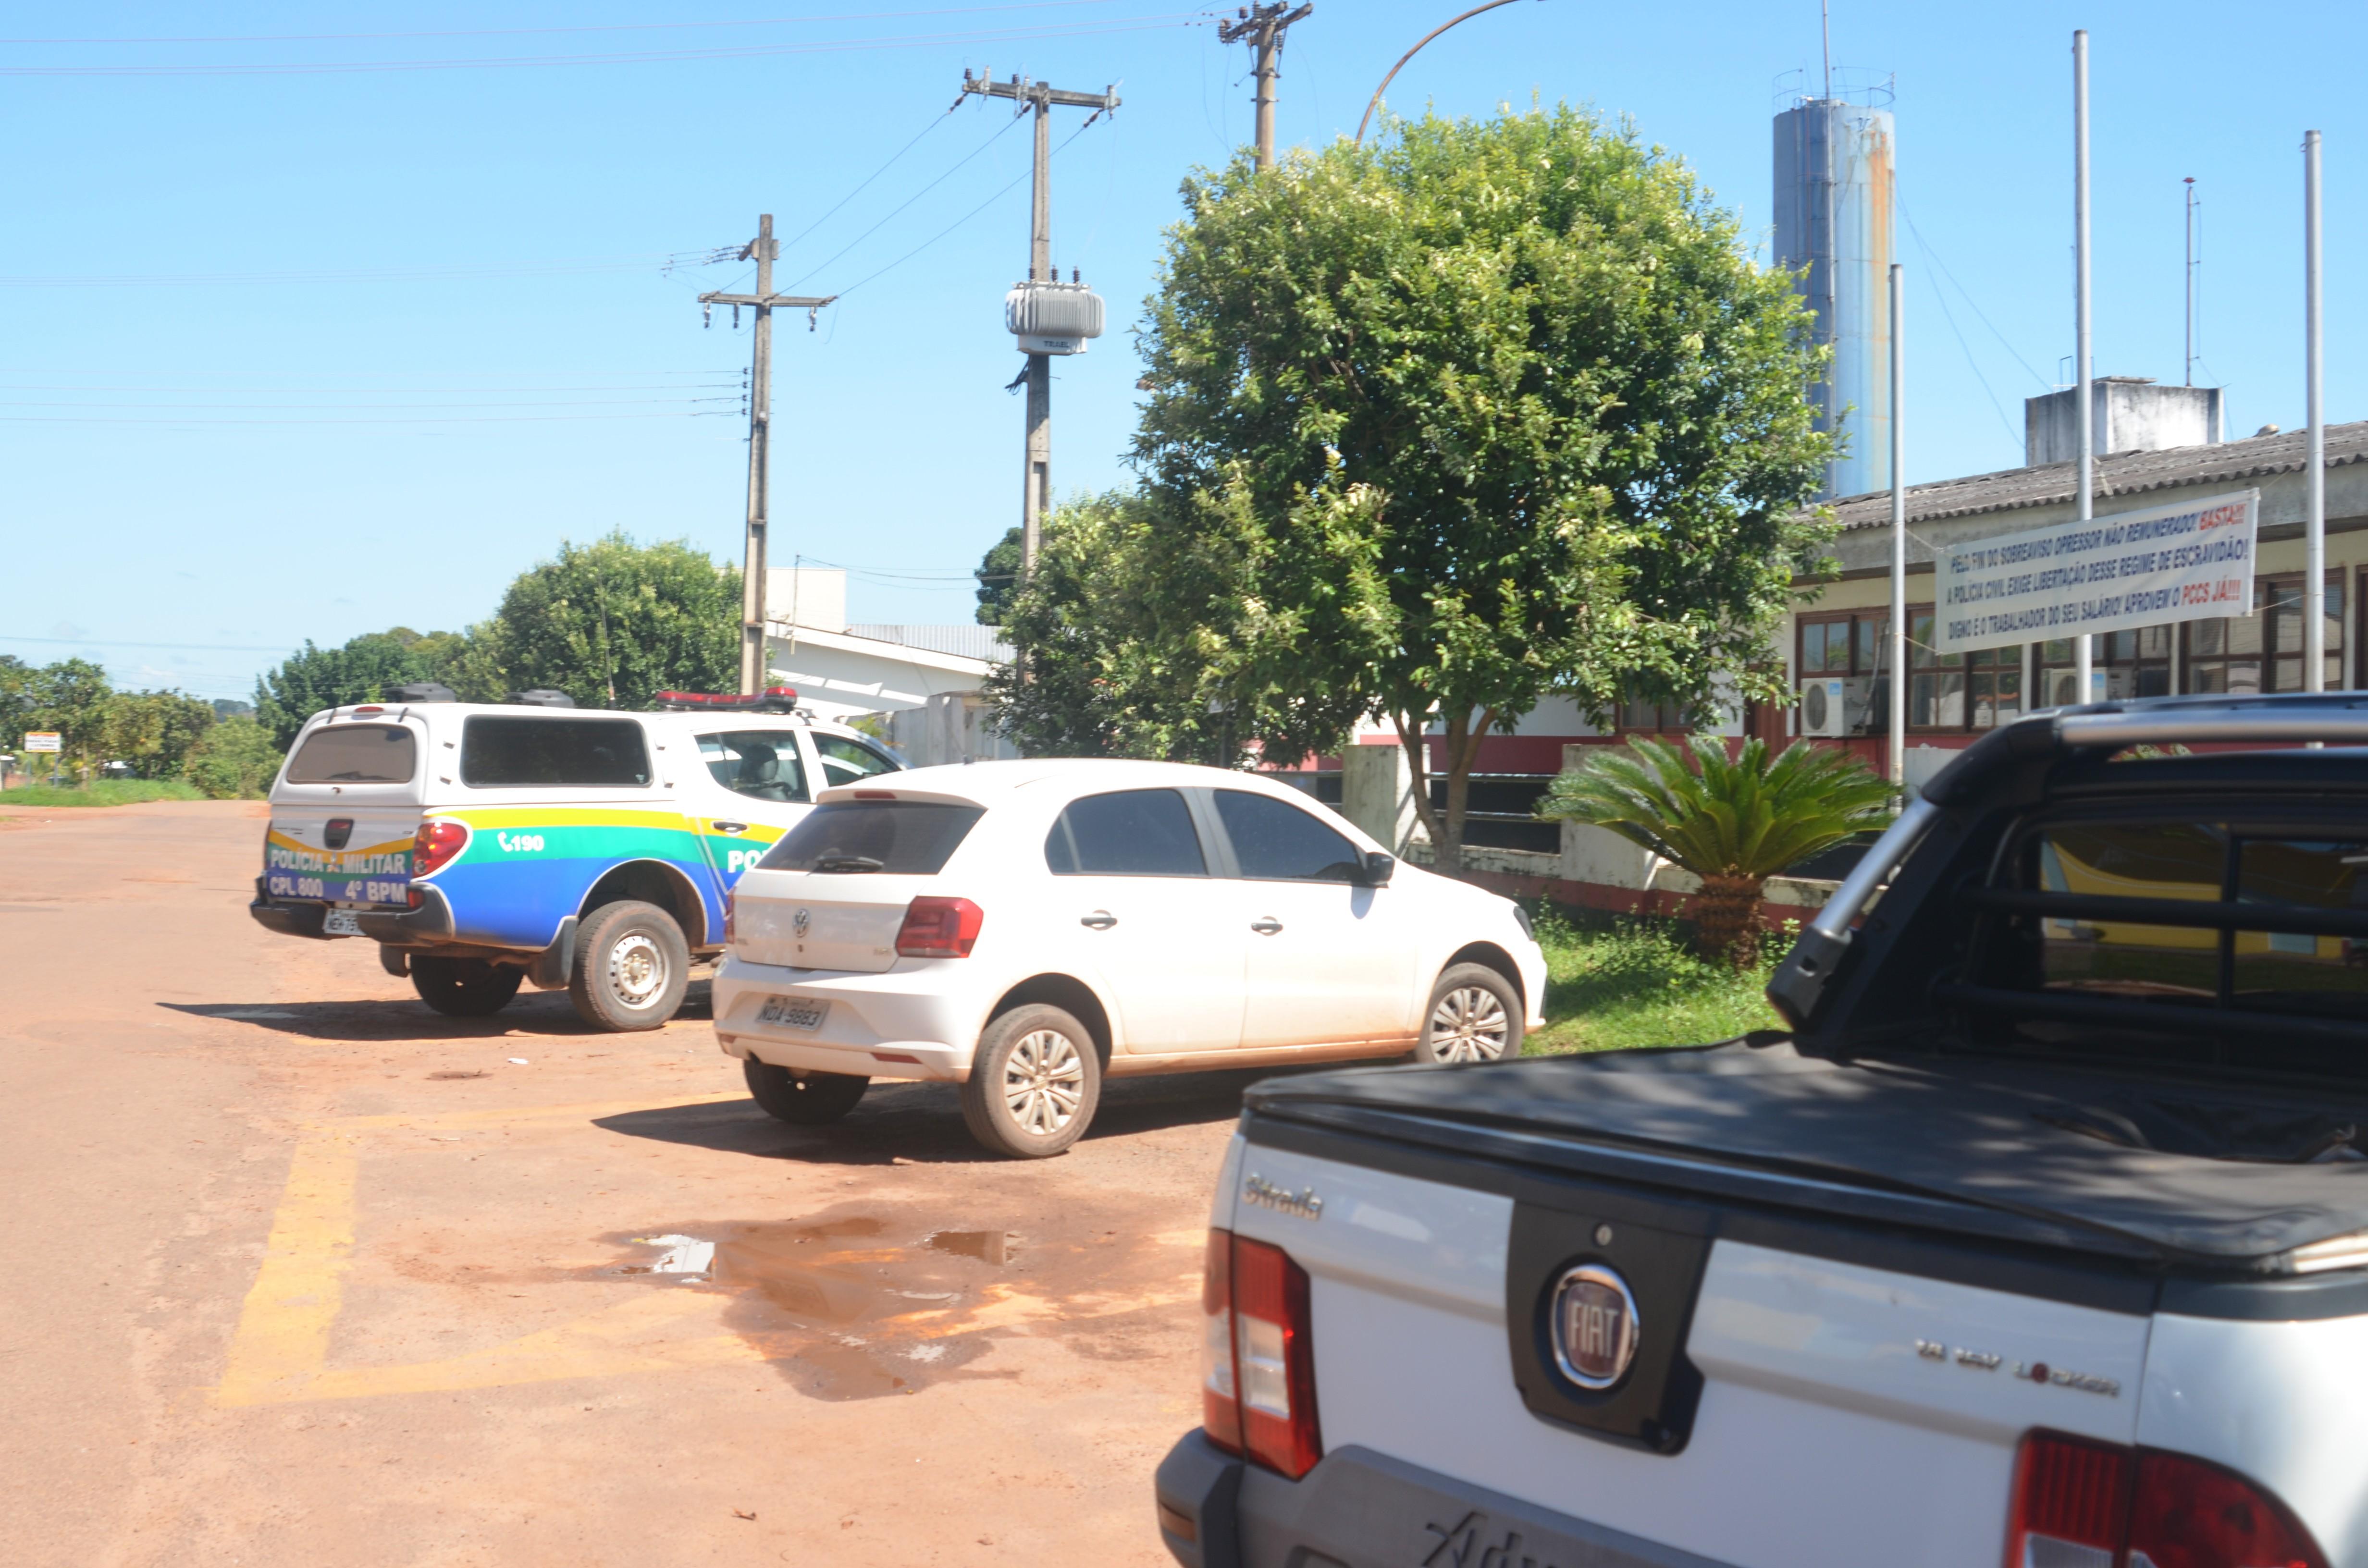 Jovem que fugiu sem socorrer vítima de acidente fatal é localizado pela polícia em Cacoal, RO